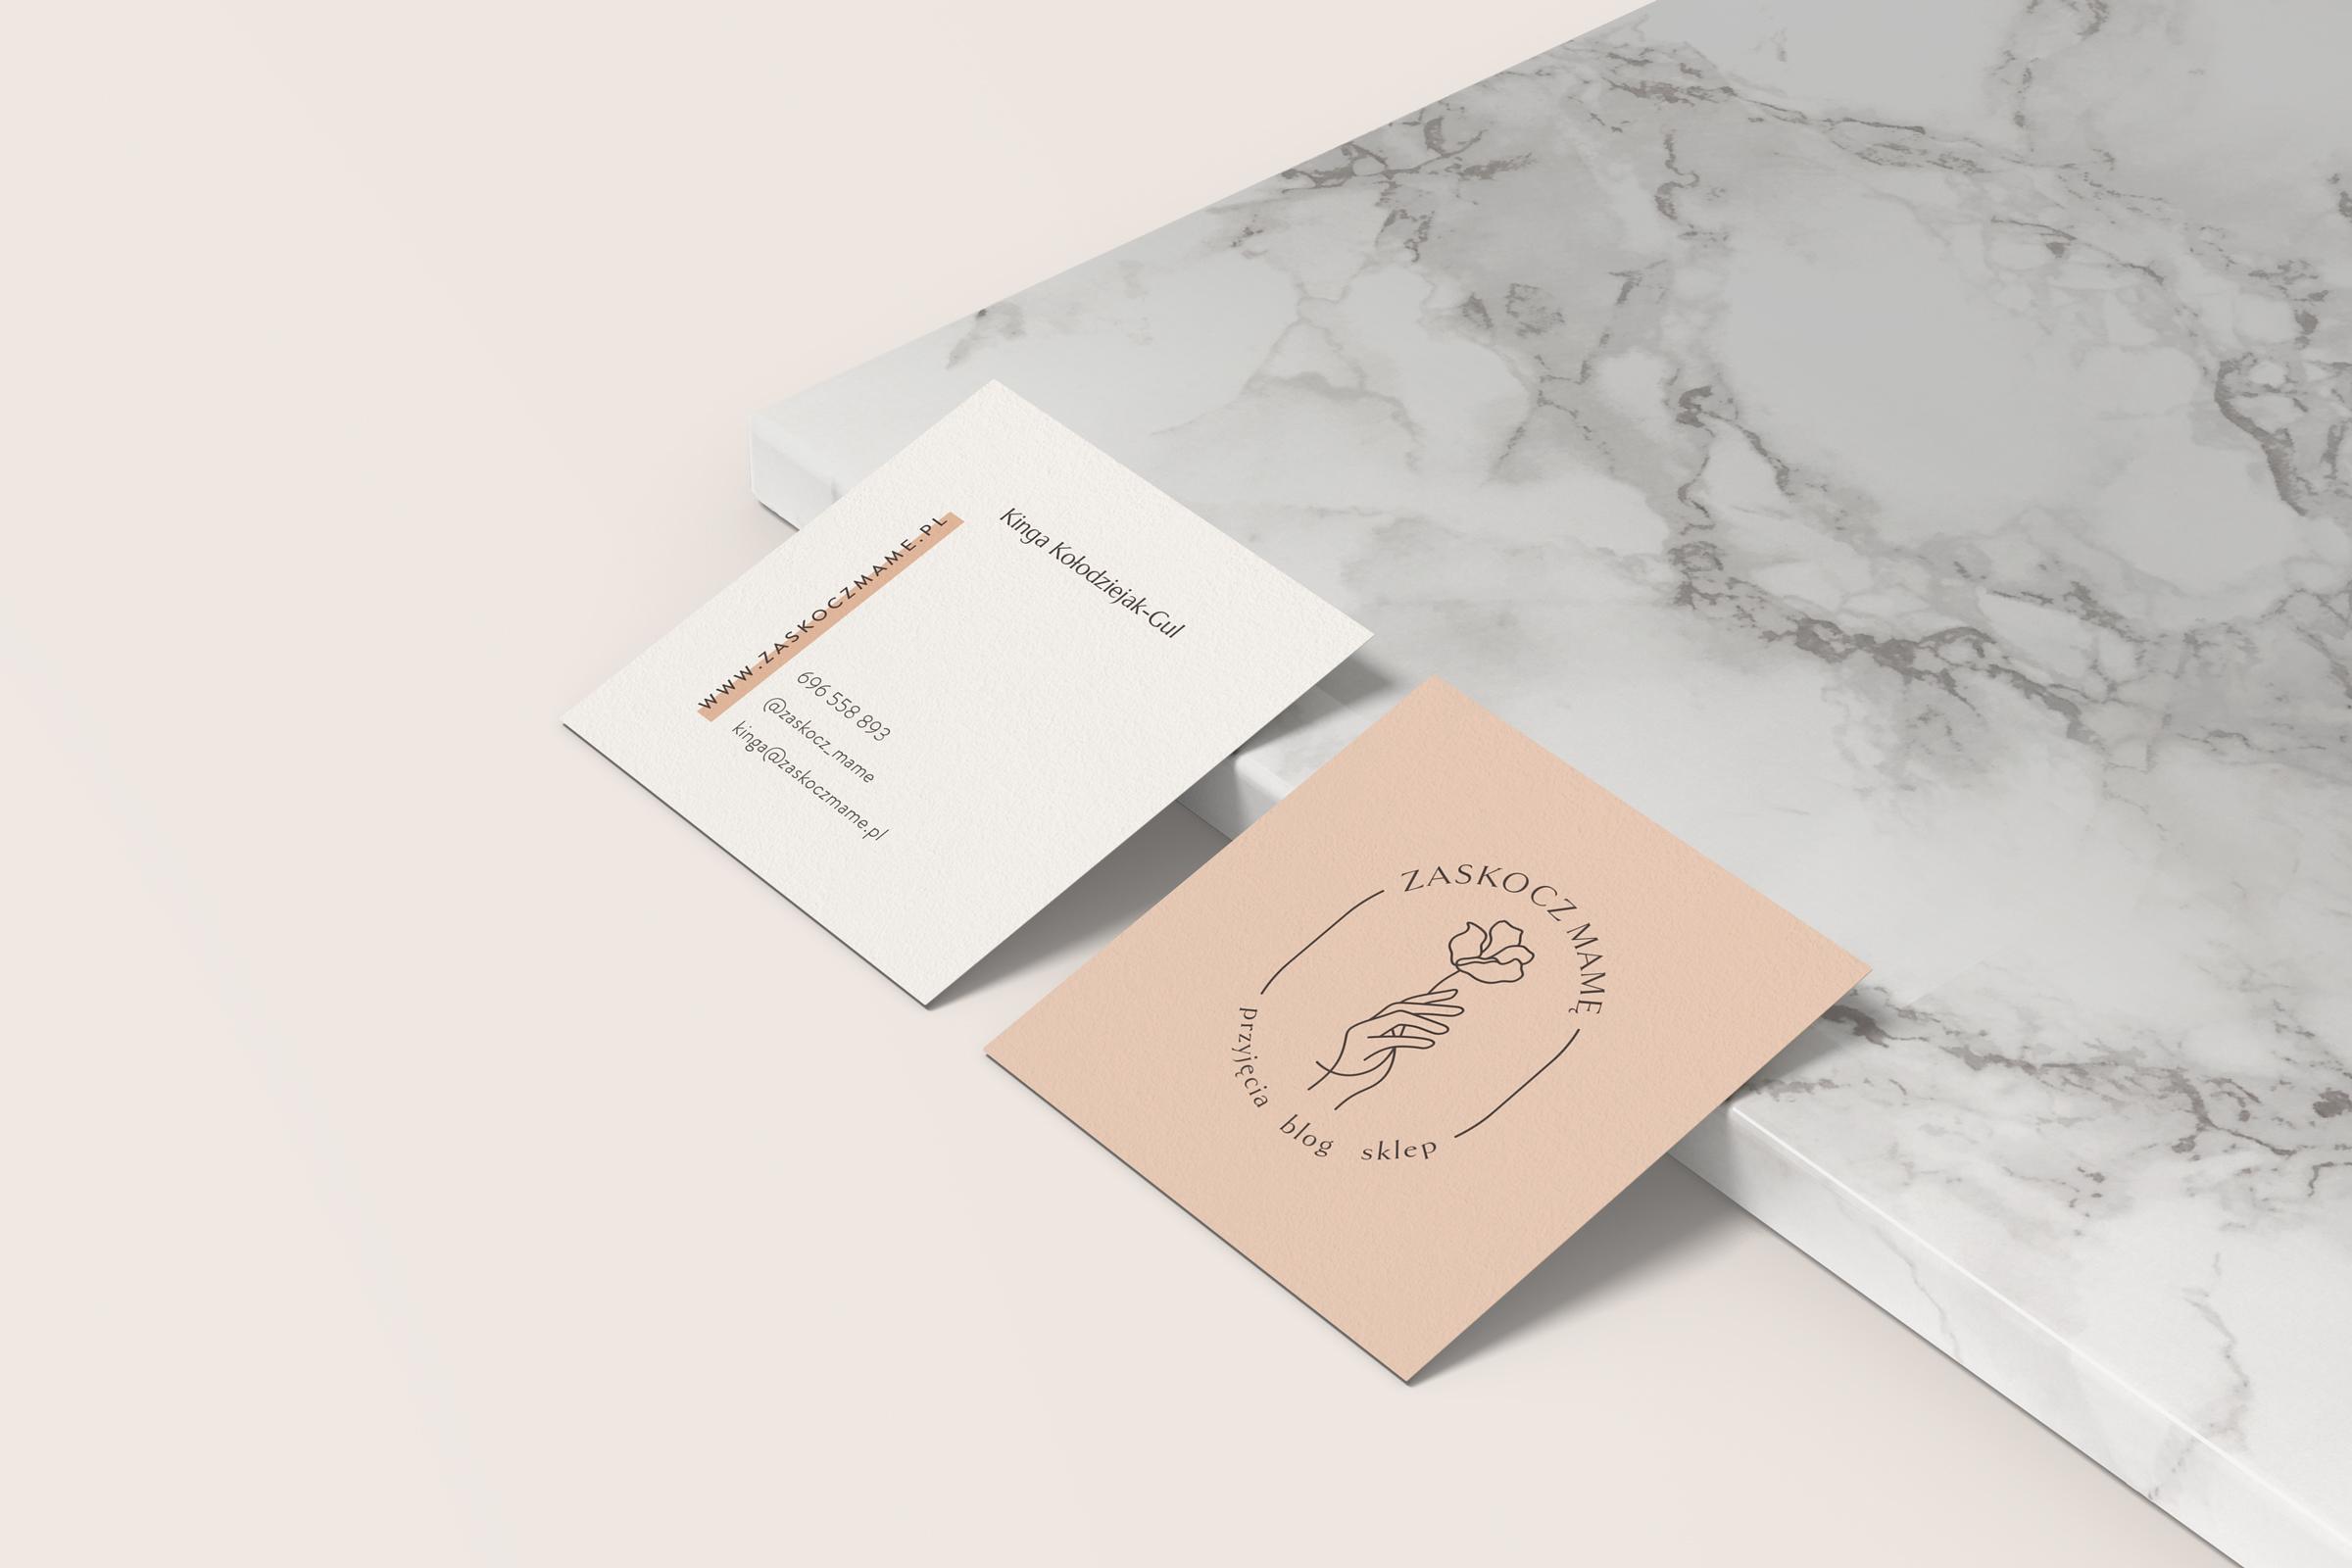 Wizytówki - Zaskocz mamę | identyfikacja wizualna, materiały firmowe, logo dla firmy | Studio brandingowi Moyemu